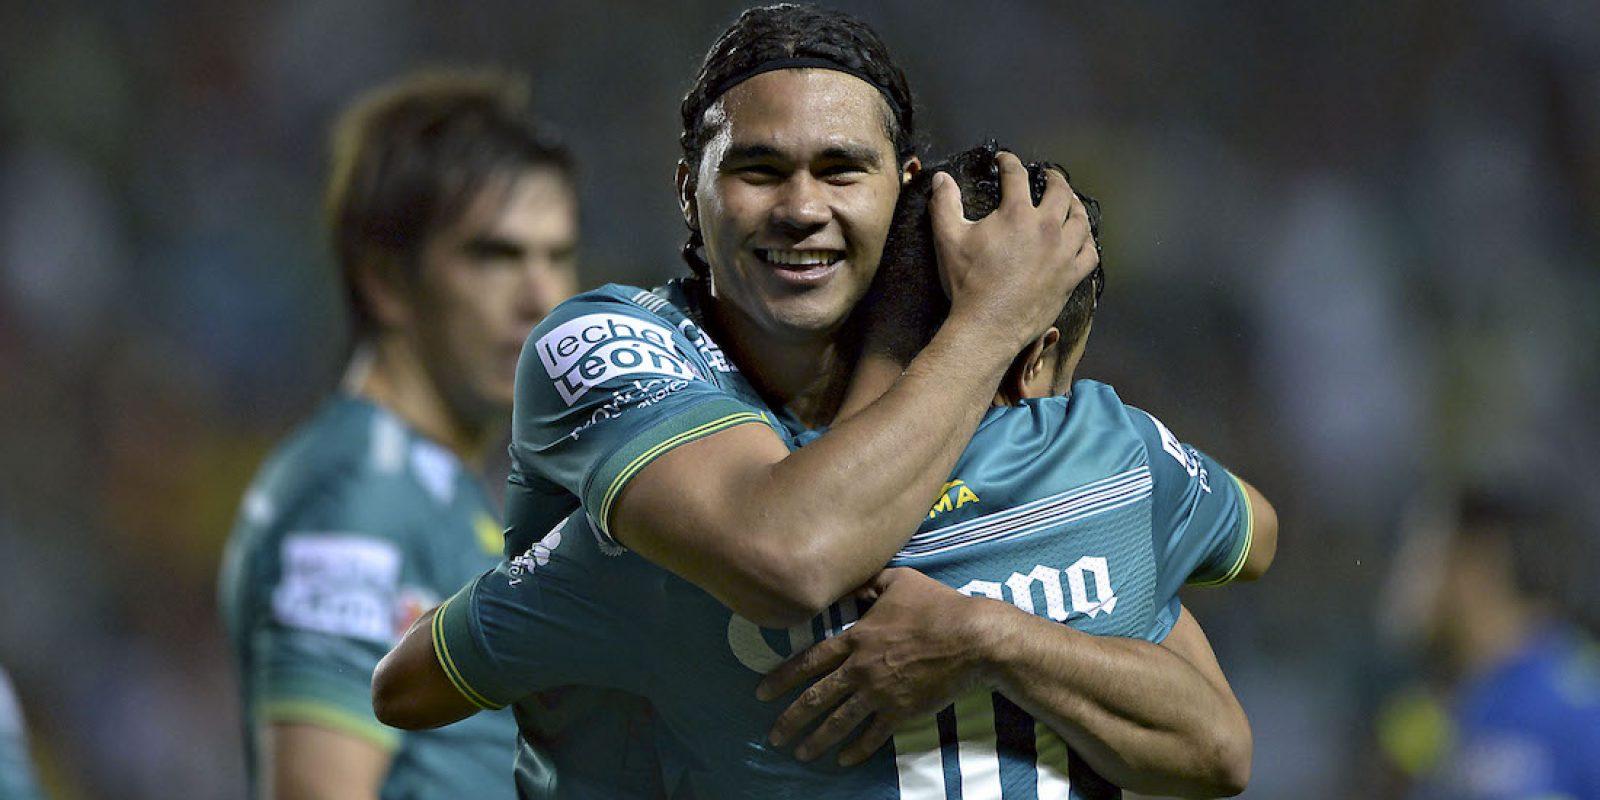 . Imagen Por: Foto: Mexsport